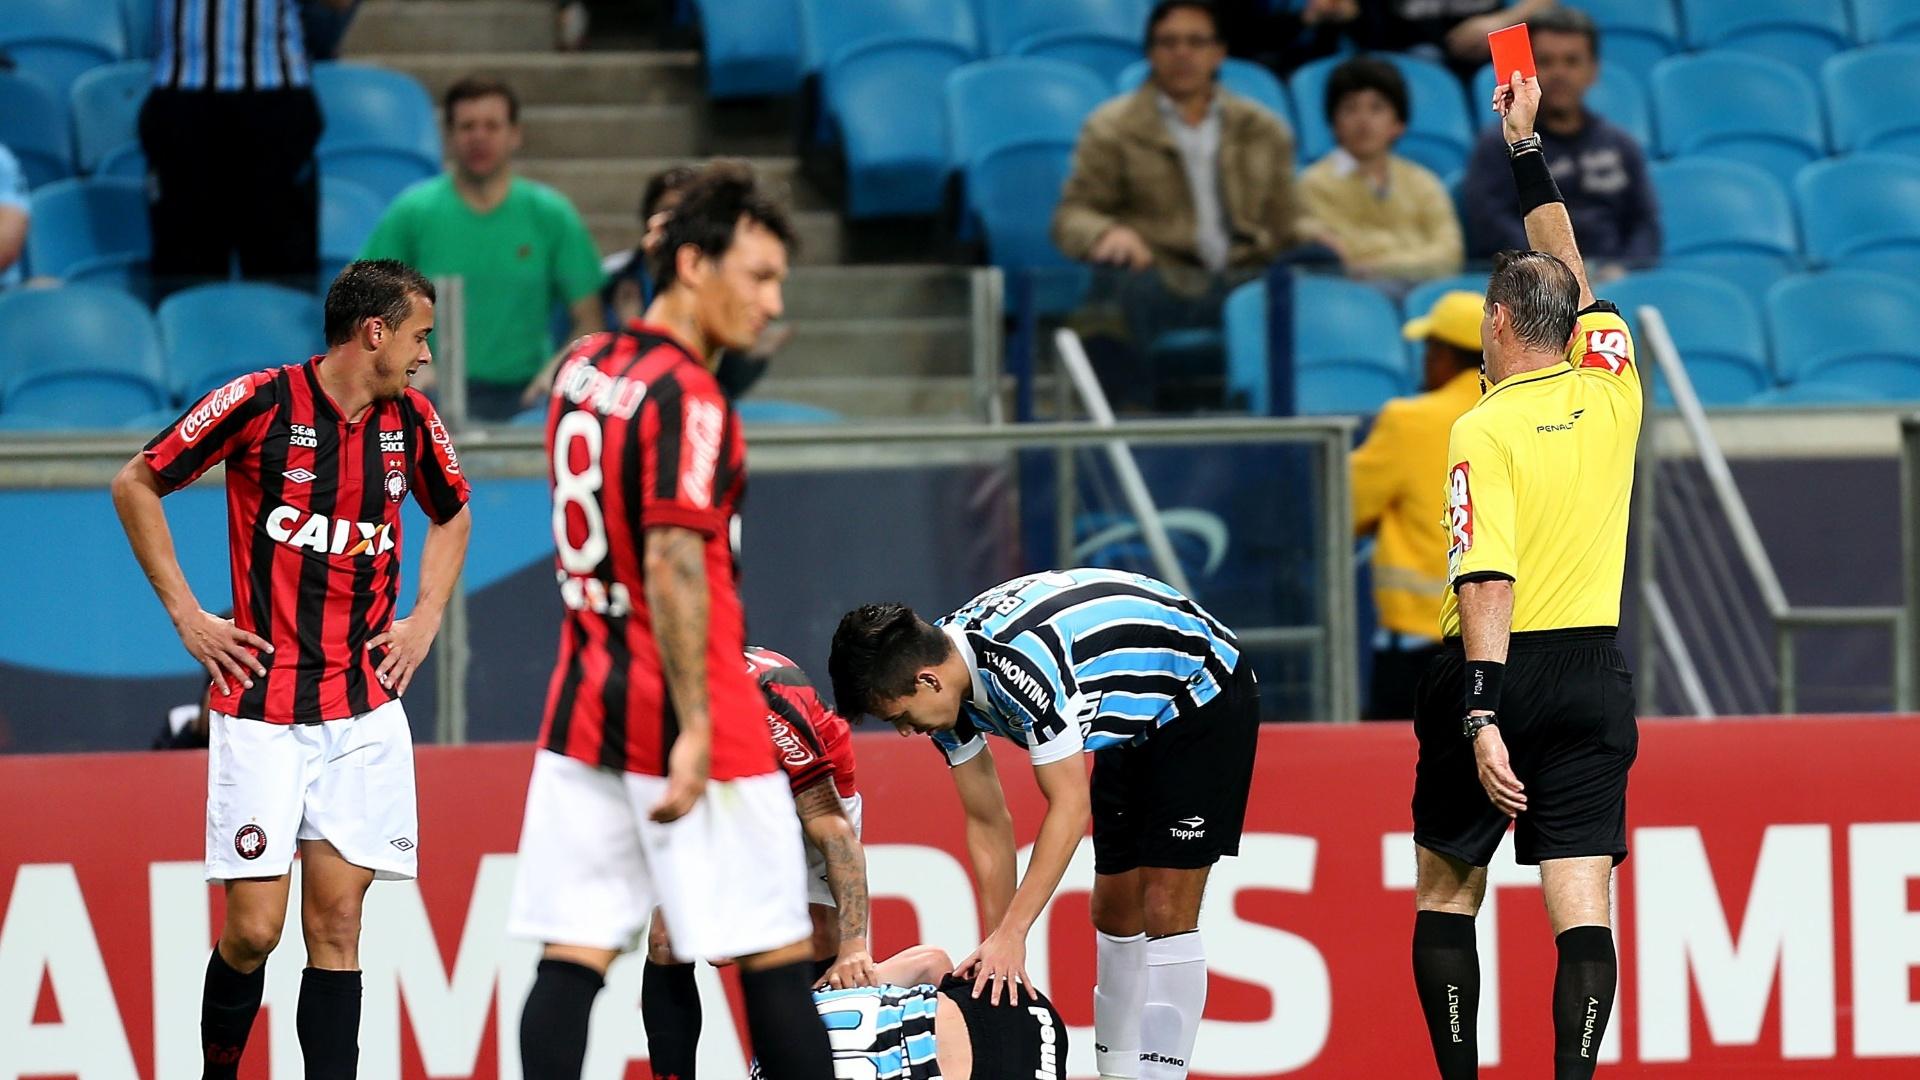 02.out.2013 - Lateral Pedro Botelho, do Atlético-PR, recebe cartão vermelho após acertar Kléber, do Grêmio